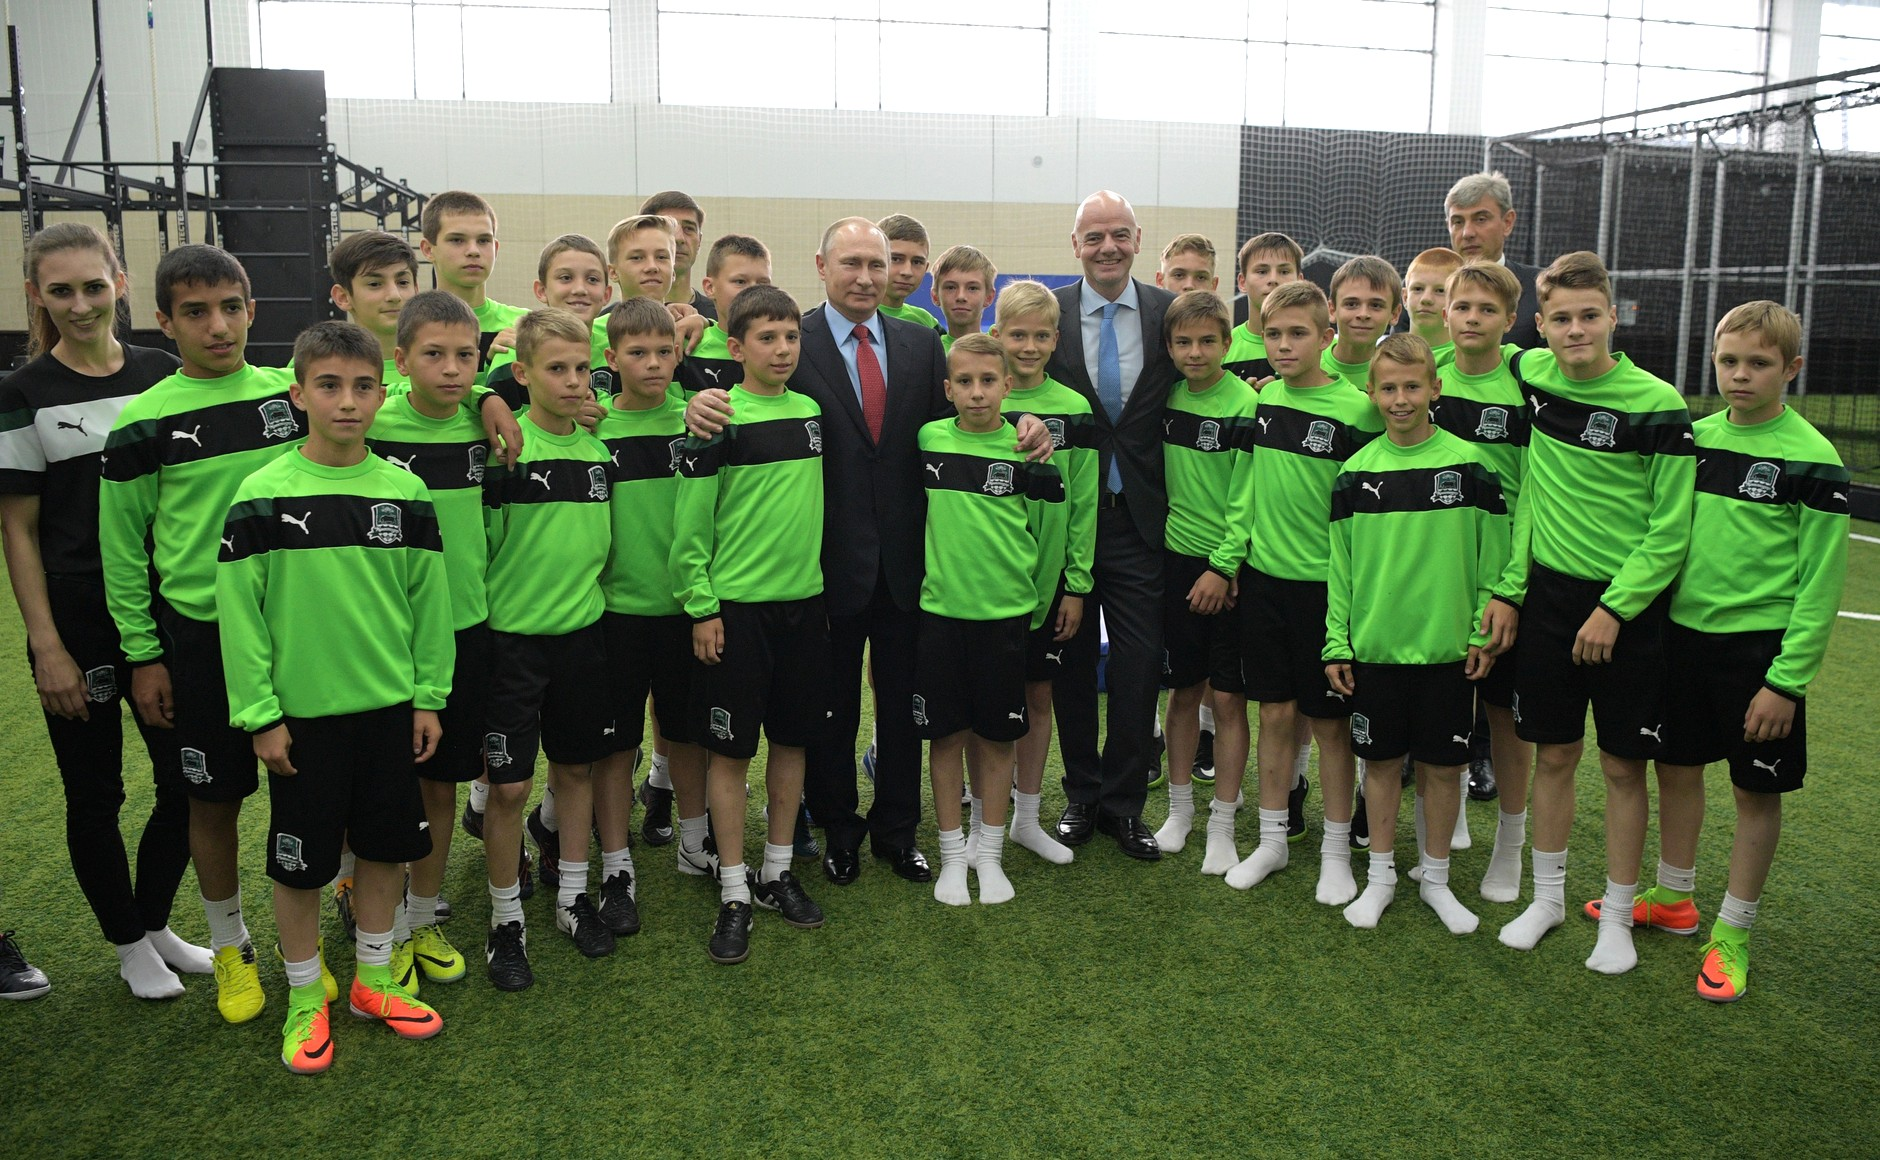 Putin in Infantino z mladimi nogometaši / Vir: Kremlin.ru